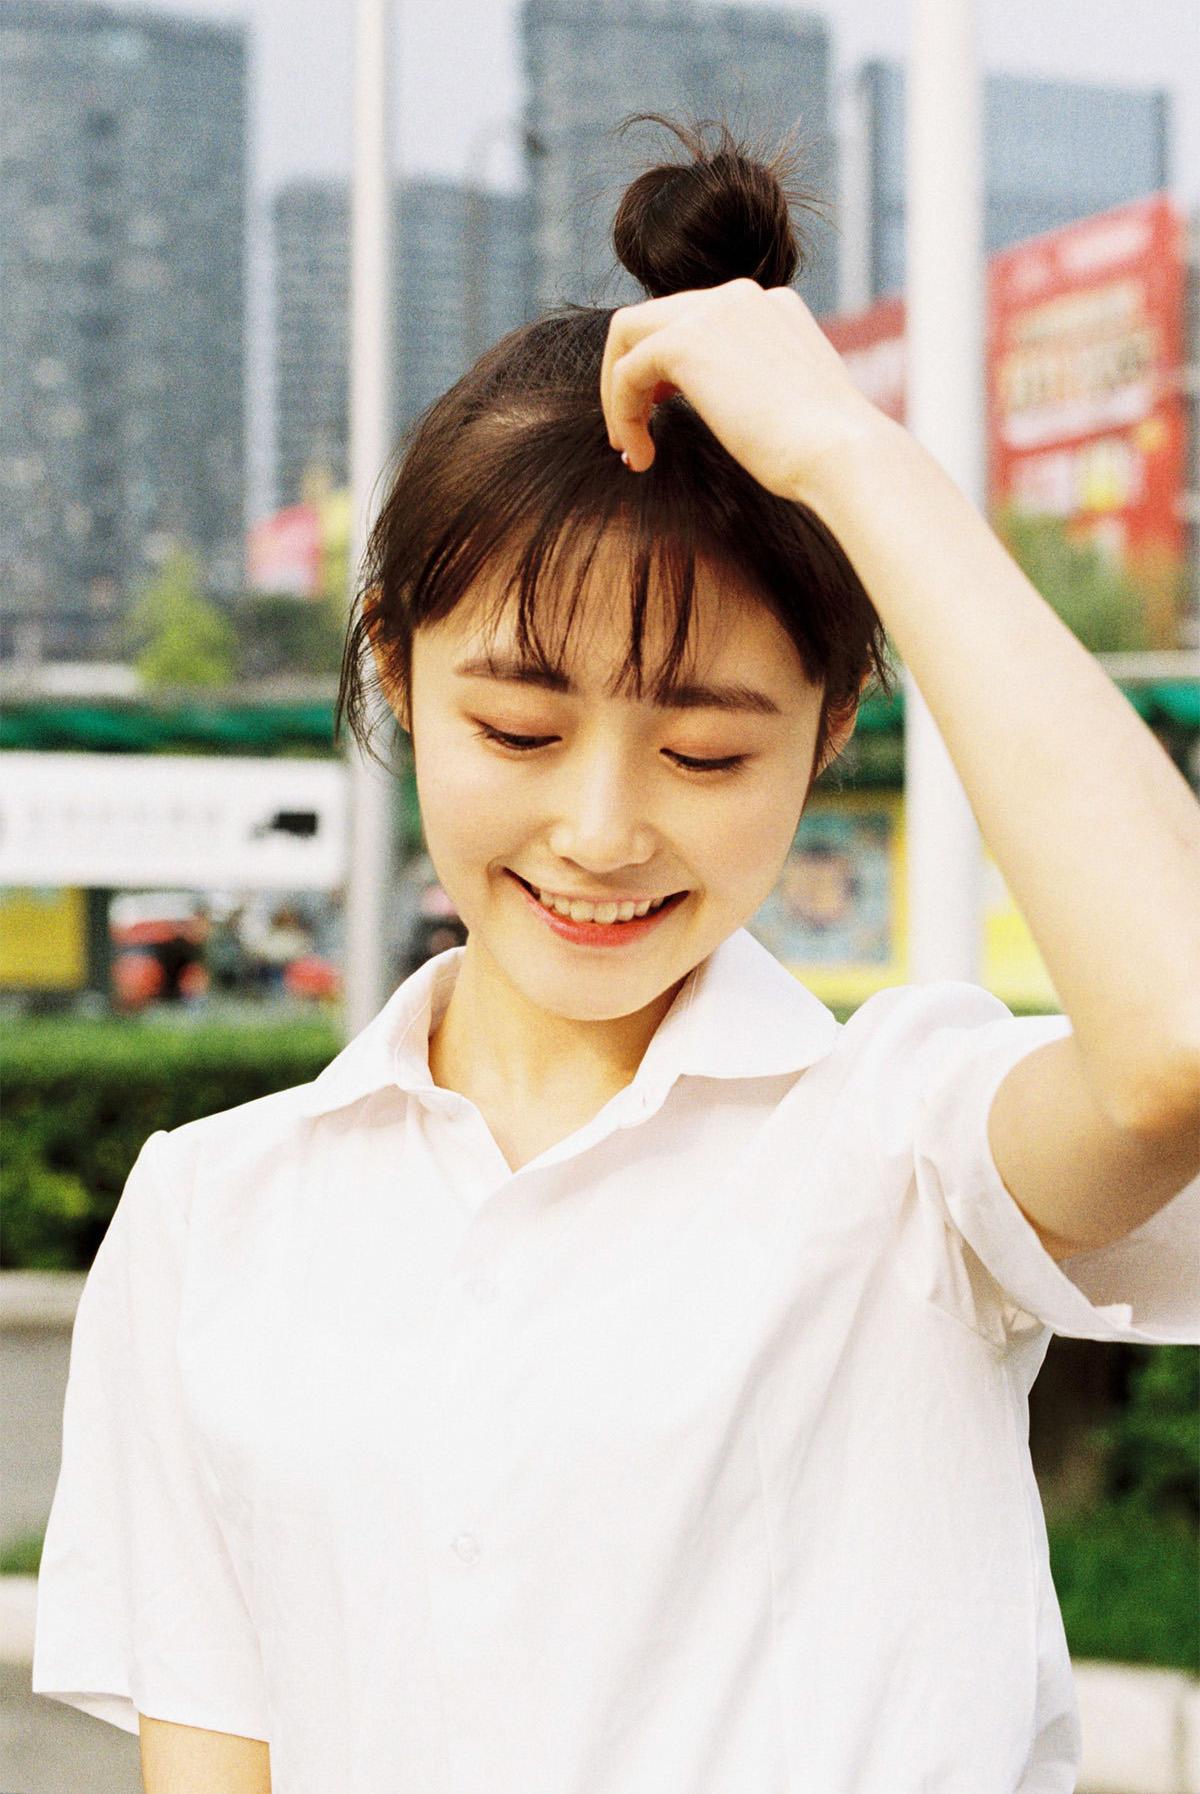 少女的笑容比阳光还温暖